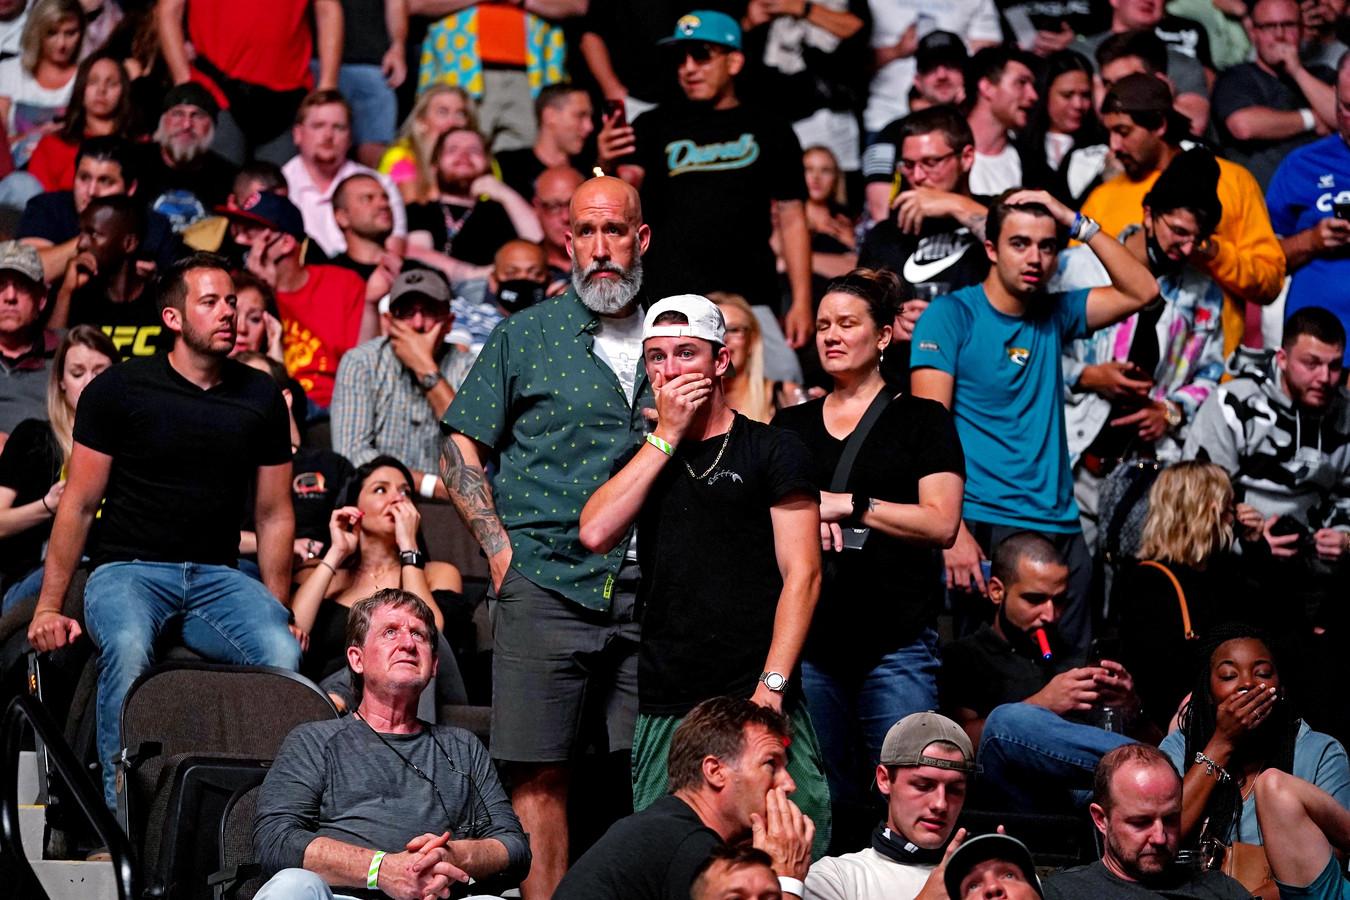 Ook bij de toeschouwers is er veel ongeloof na het zien van de gruwelijke blessure bij Chris Weidman.